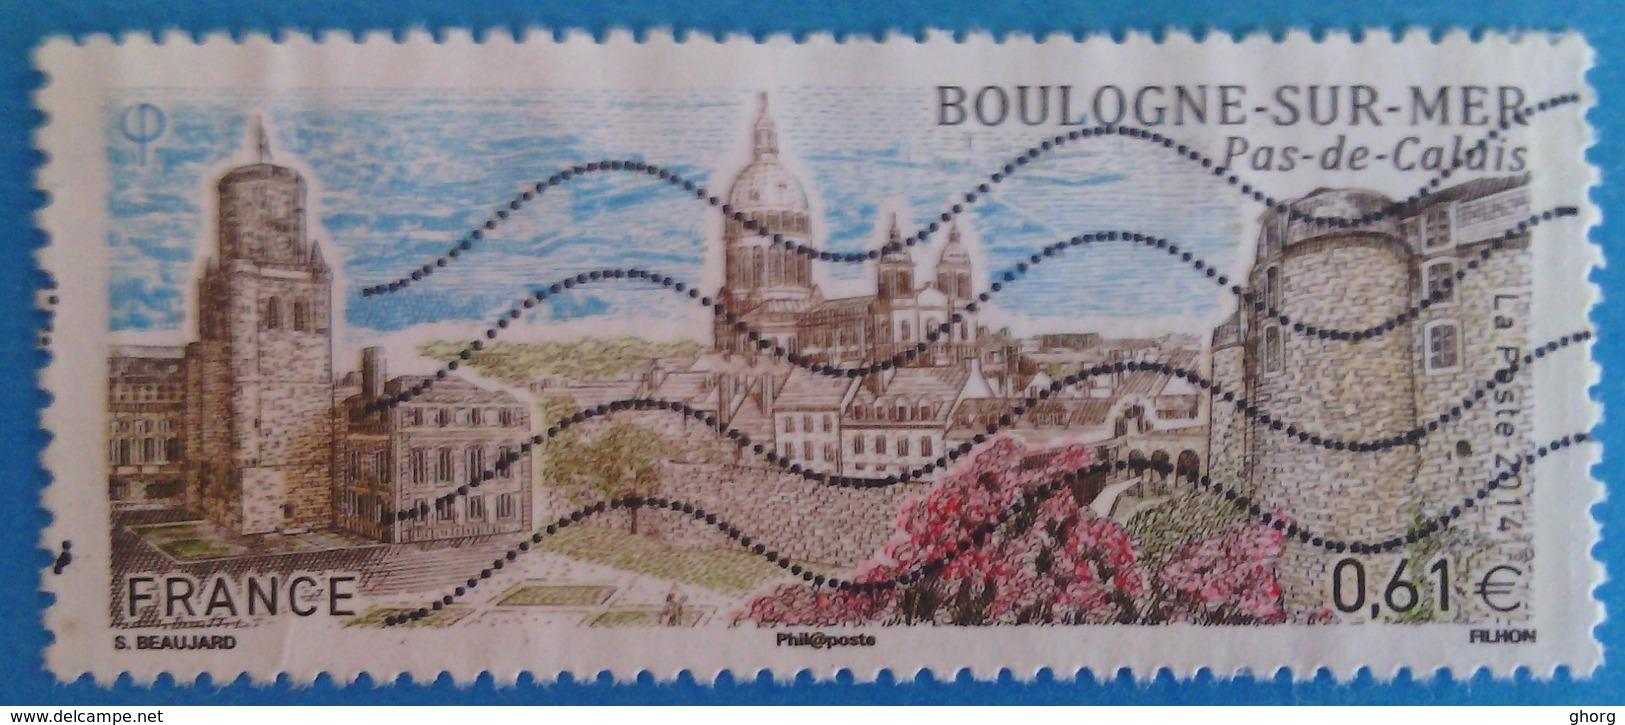 France 2014 : Série Touristique, Boulogne Dur Mer N° 4862 Oblitéré - Frankreich